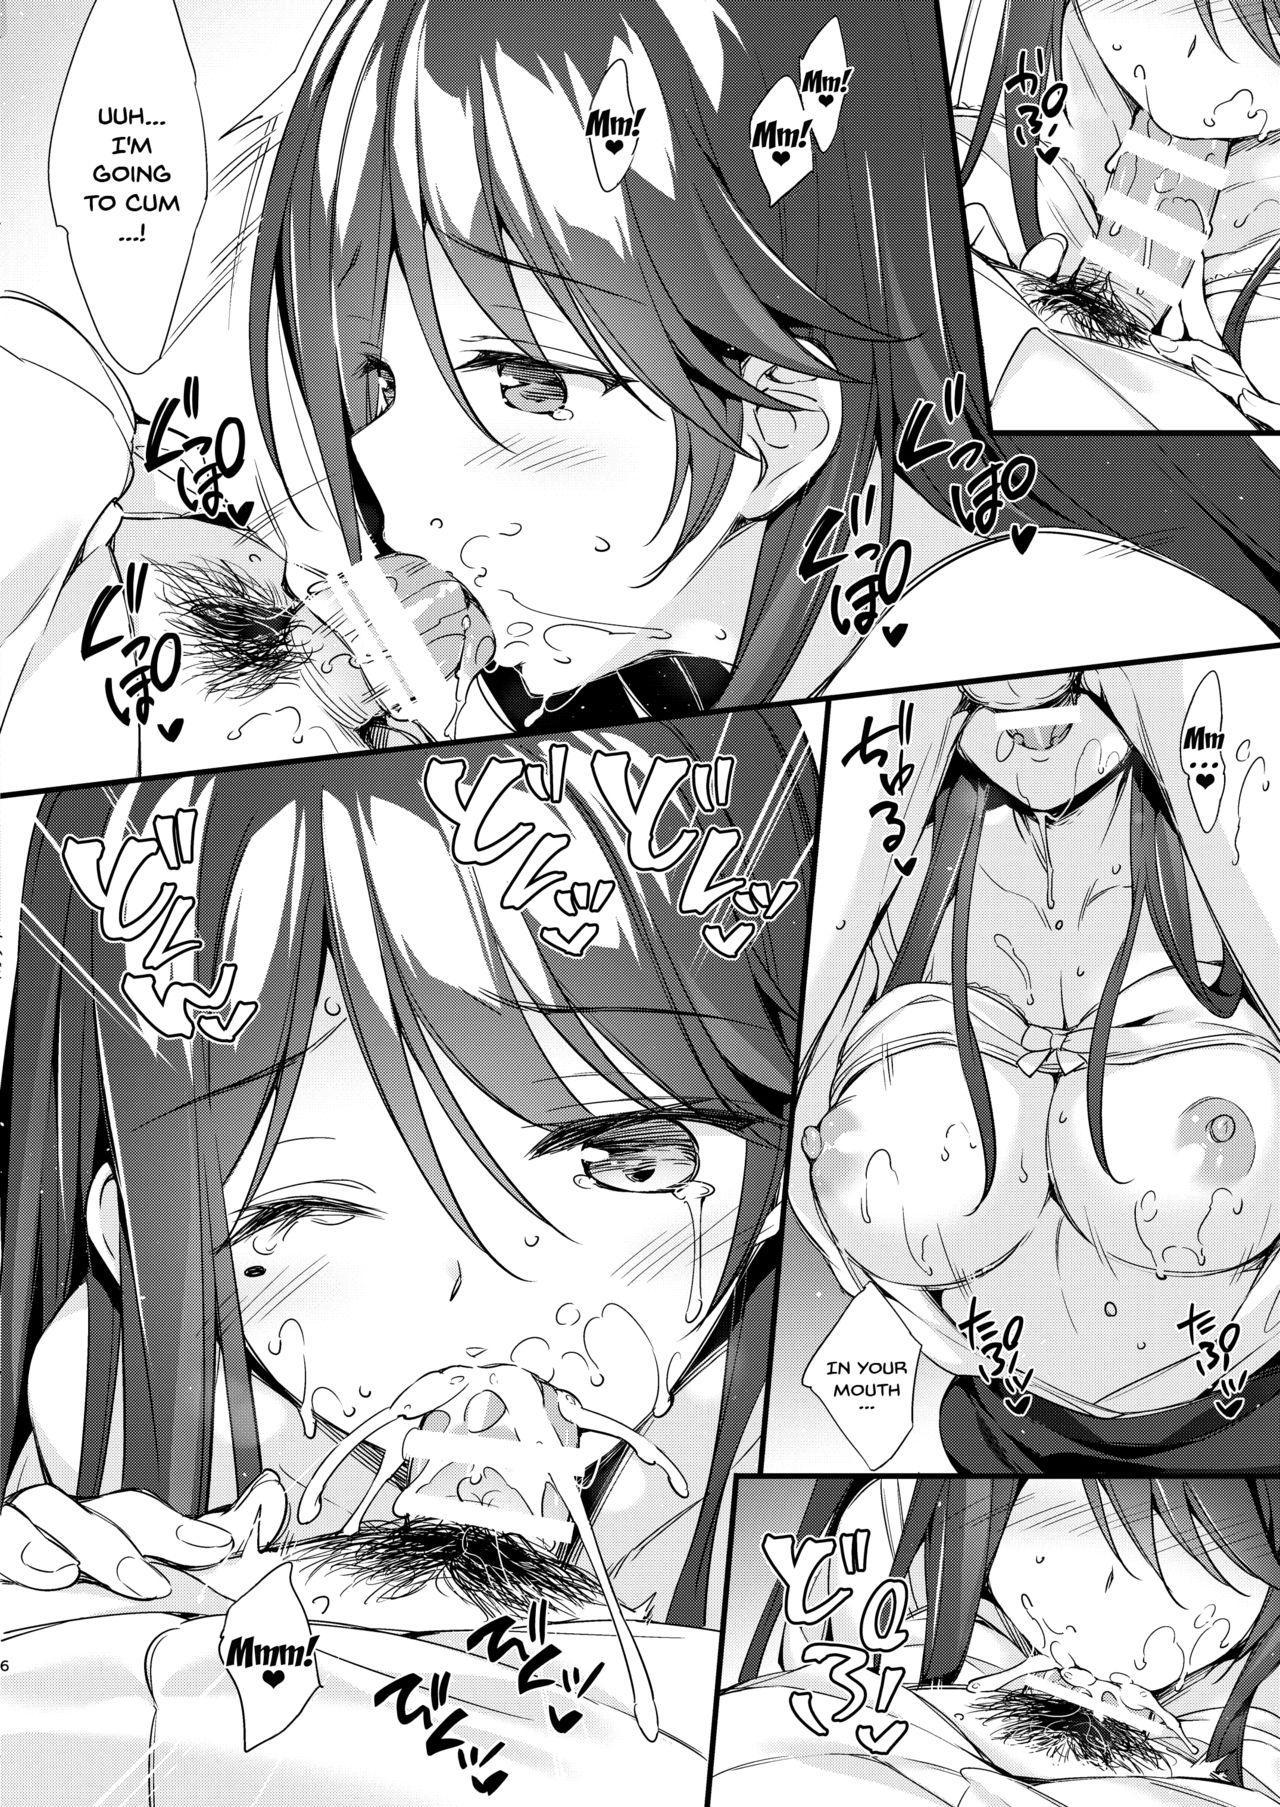 Hinano Sensei wa Boku no Kanojo | Hinano Sensei is My Girlfriend 4